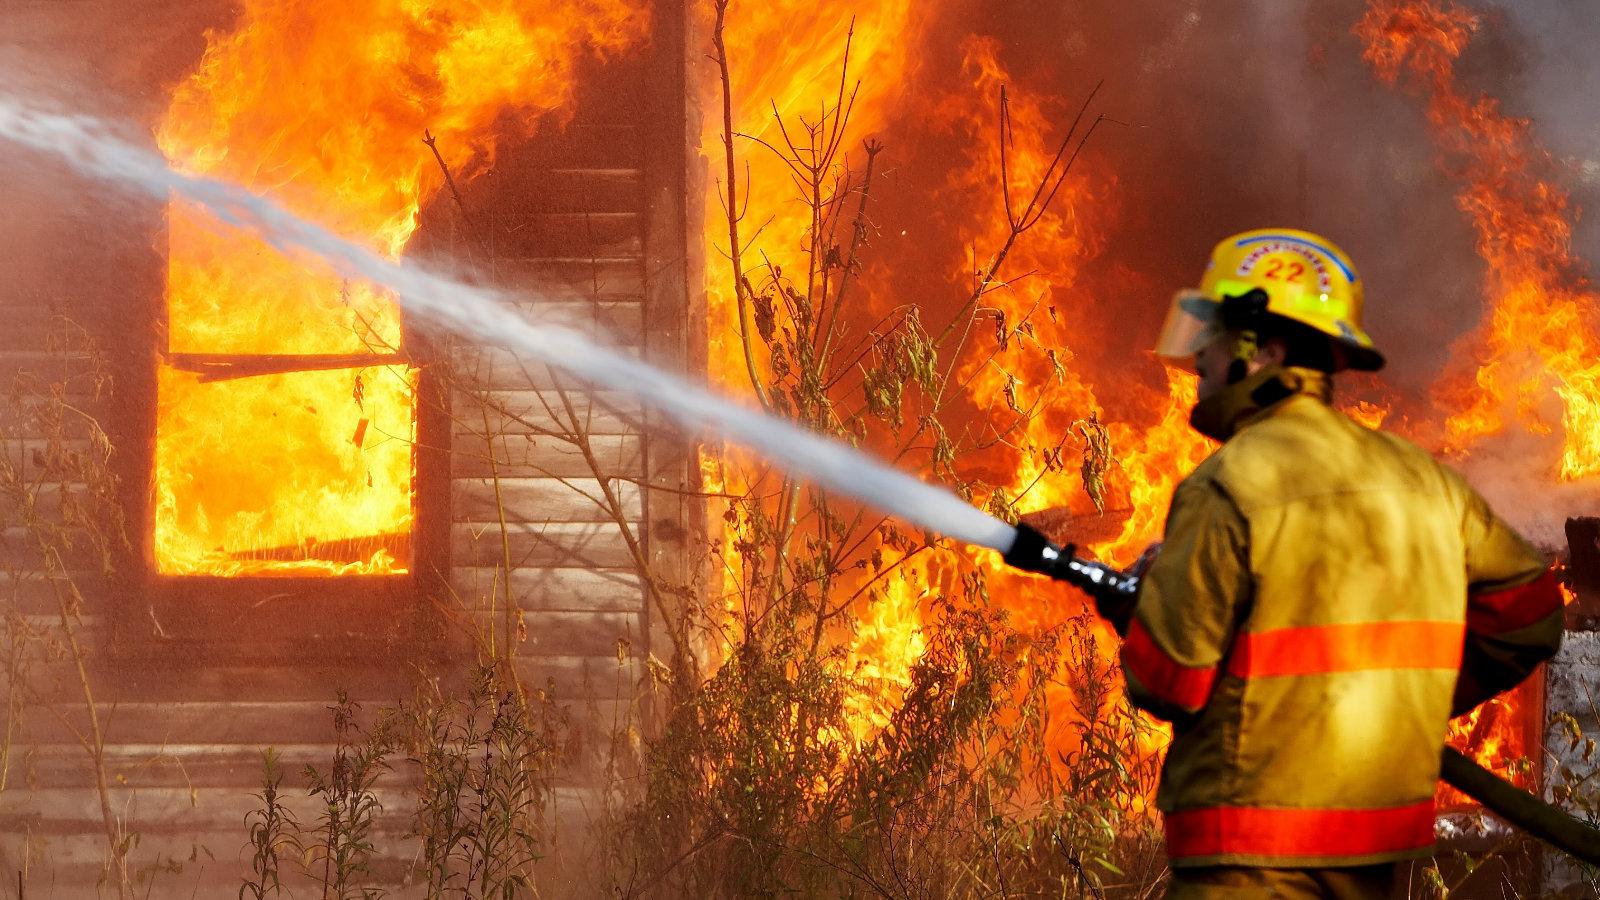 отделочных материалов пожарники тушат пожар картинки все серьезные отношения